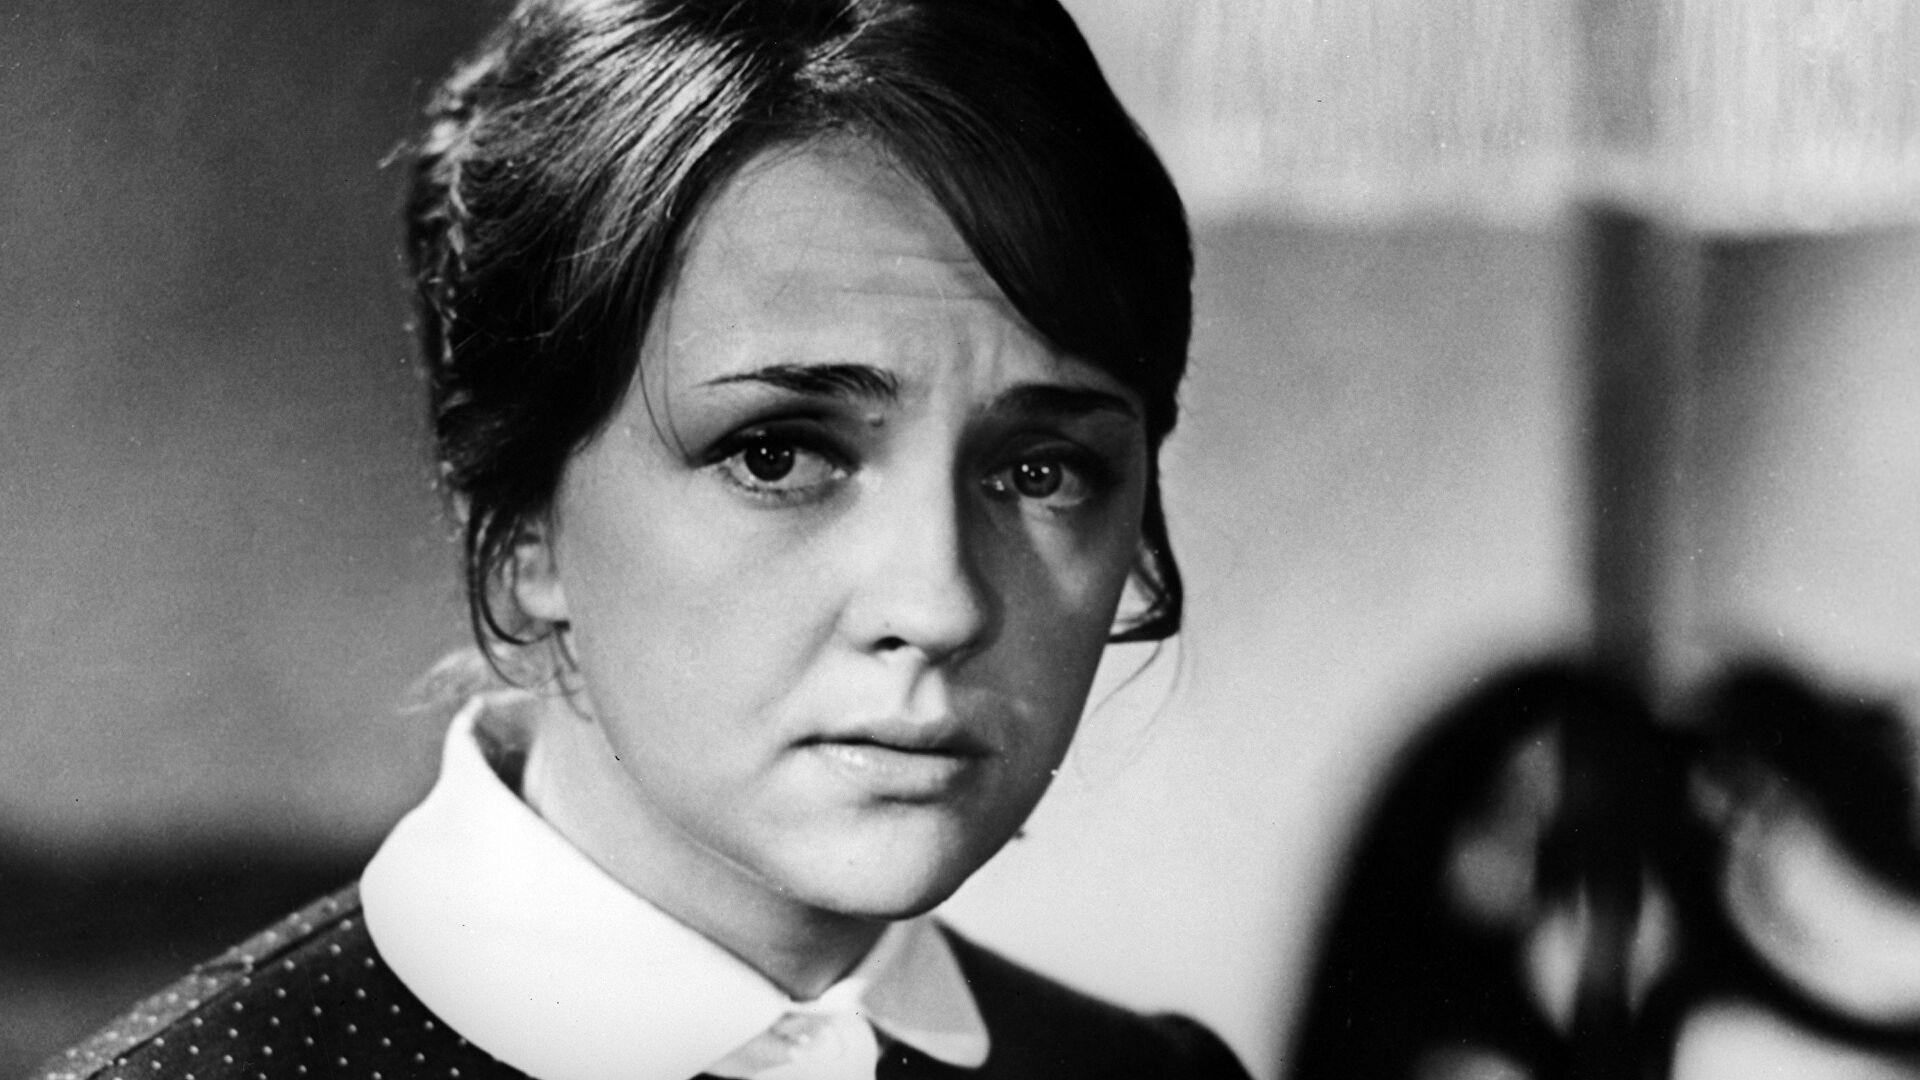 Умерла актриса Екатерина Градова, сыгравшая радистку Кэт в сериале «Семнадцать мгновений весны»